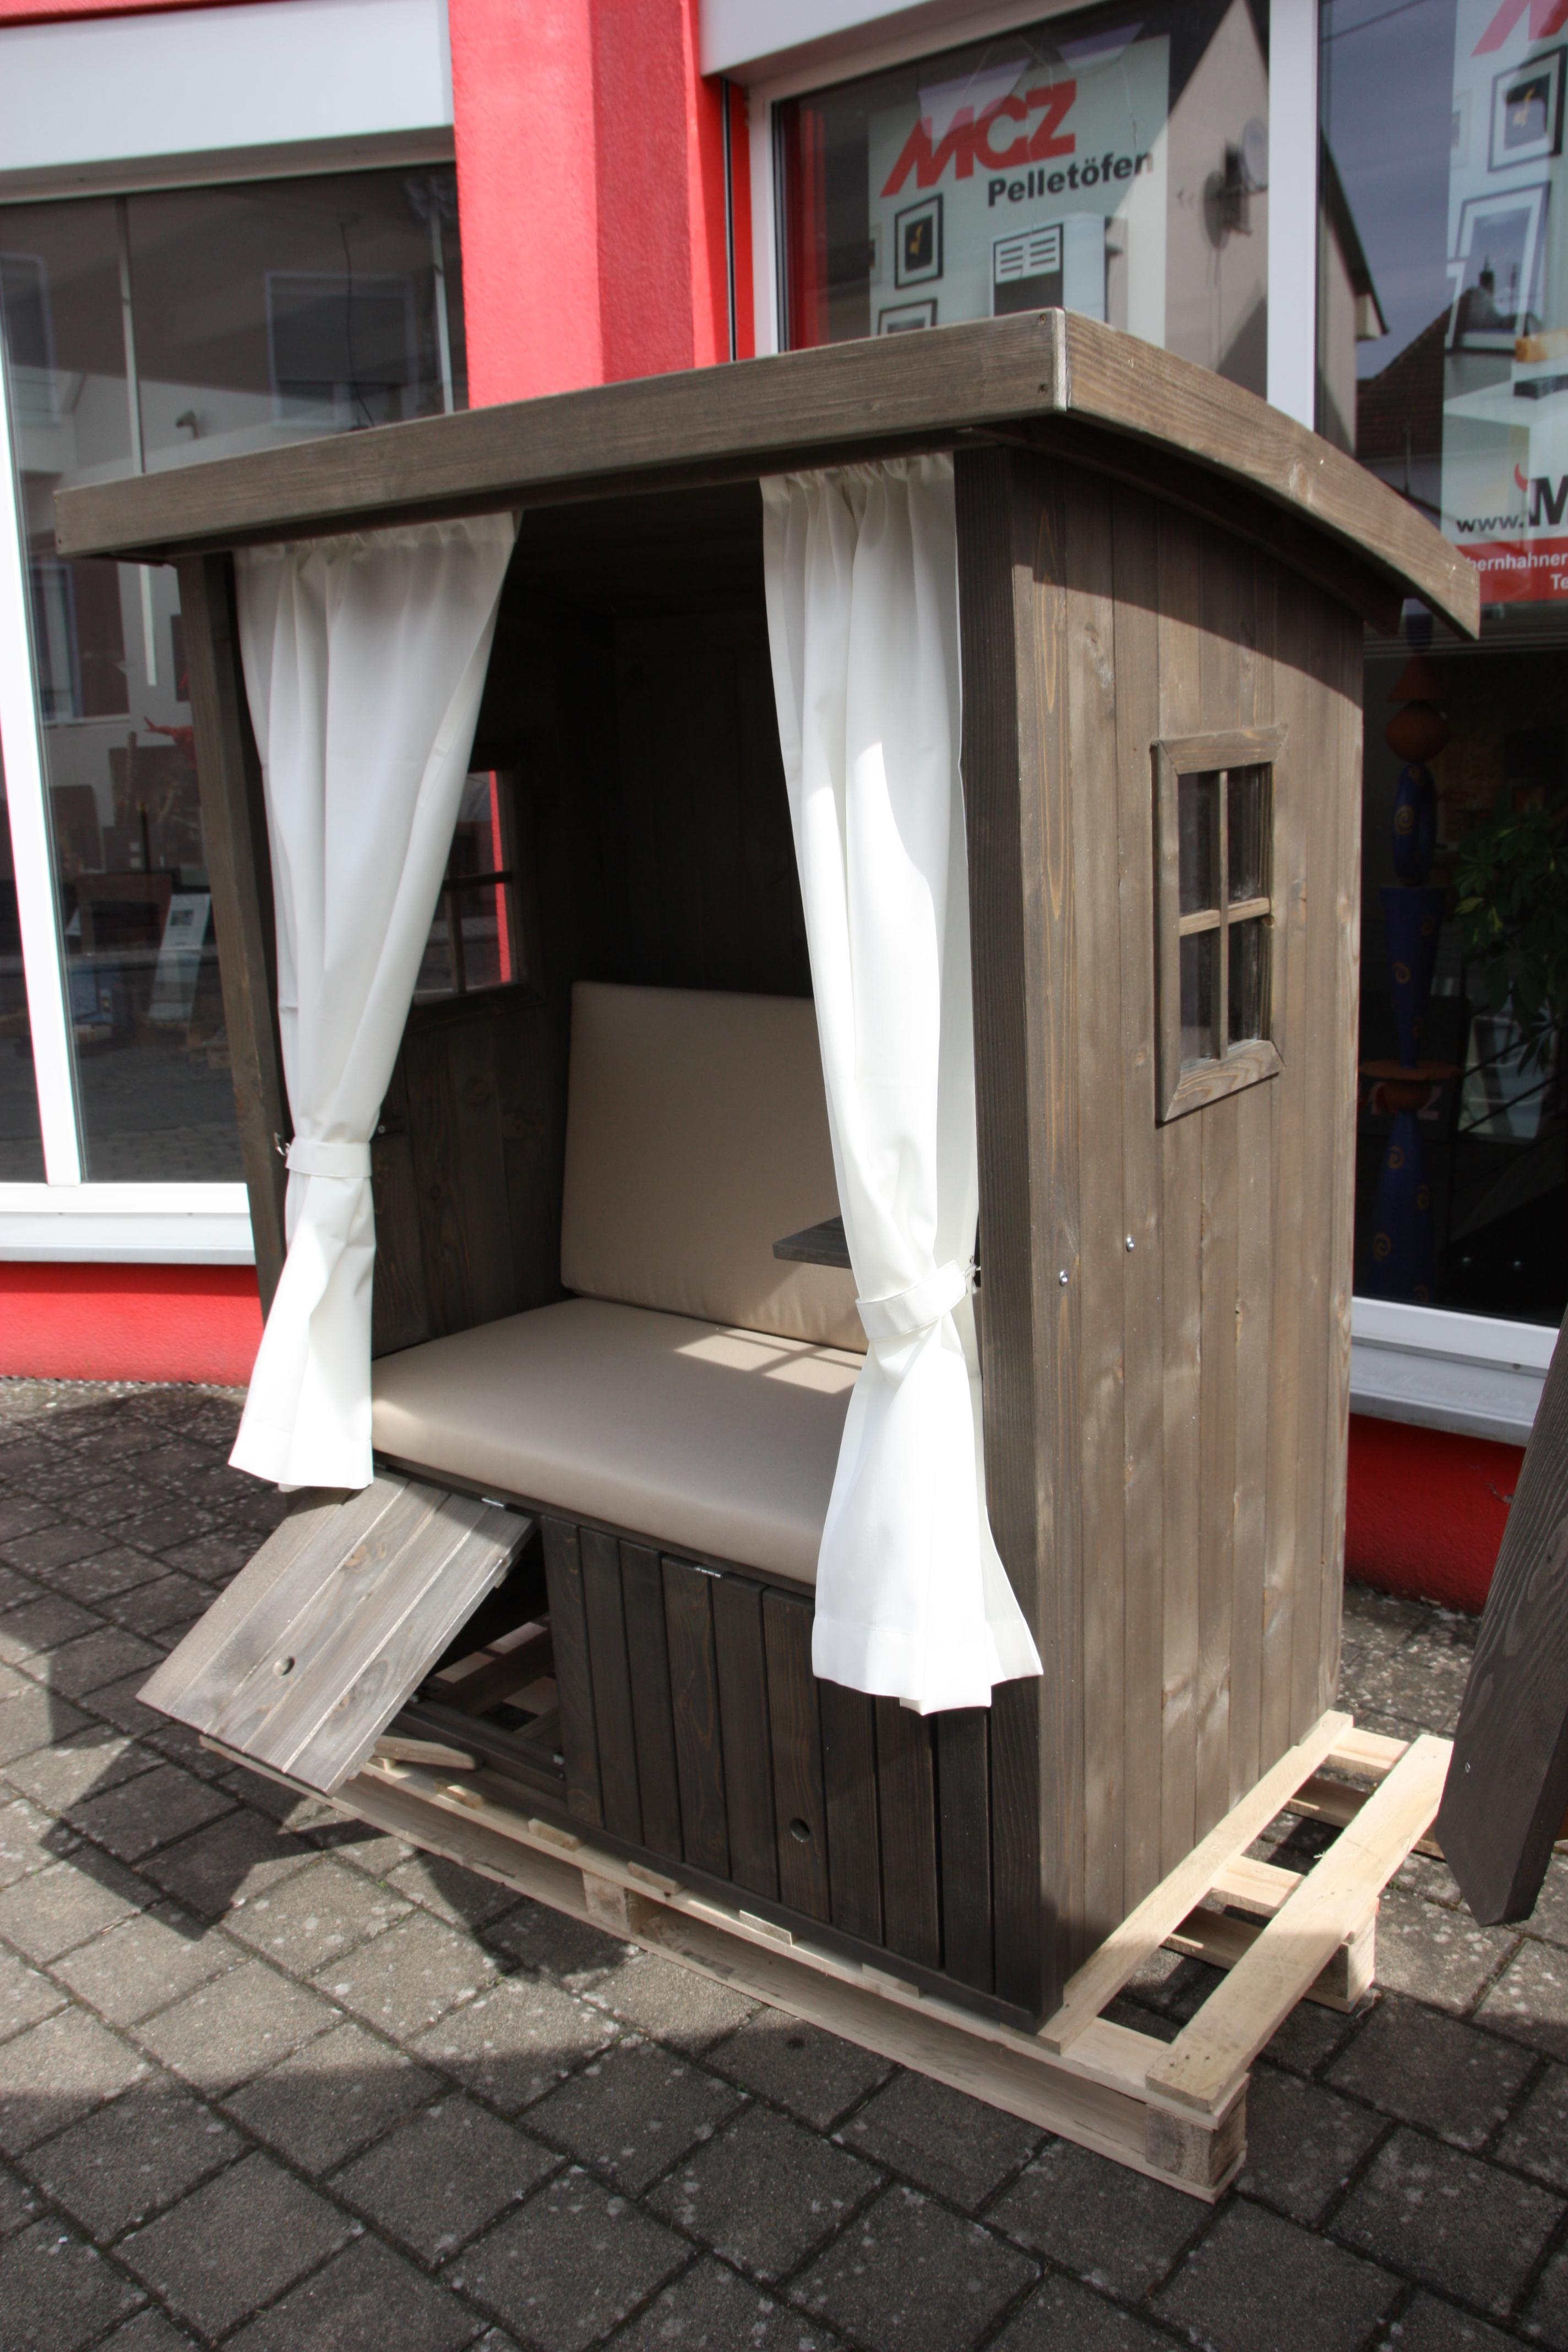 galerie mazide mcz pellet fen aufblasbare poolabdeckungen und andere produkte. Black Bedroom Furniture Sets. Home Design Ideas